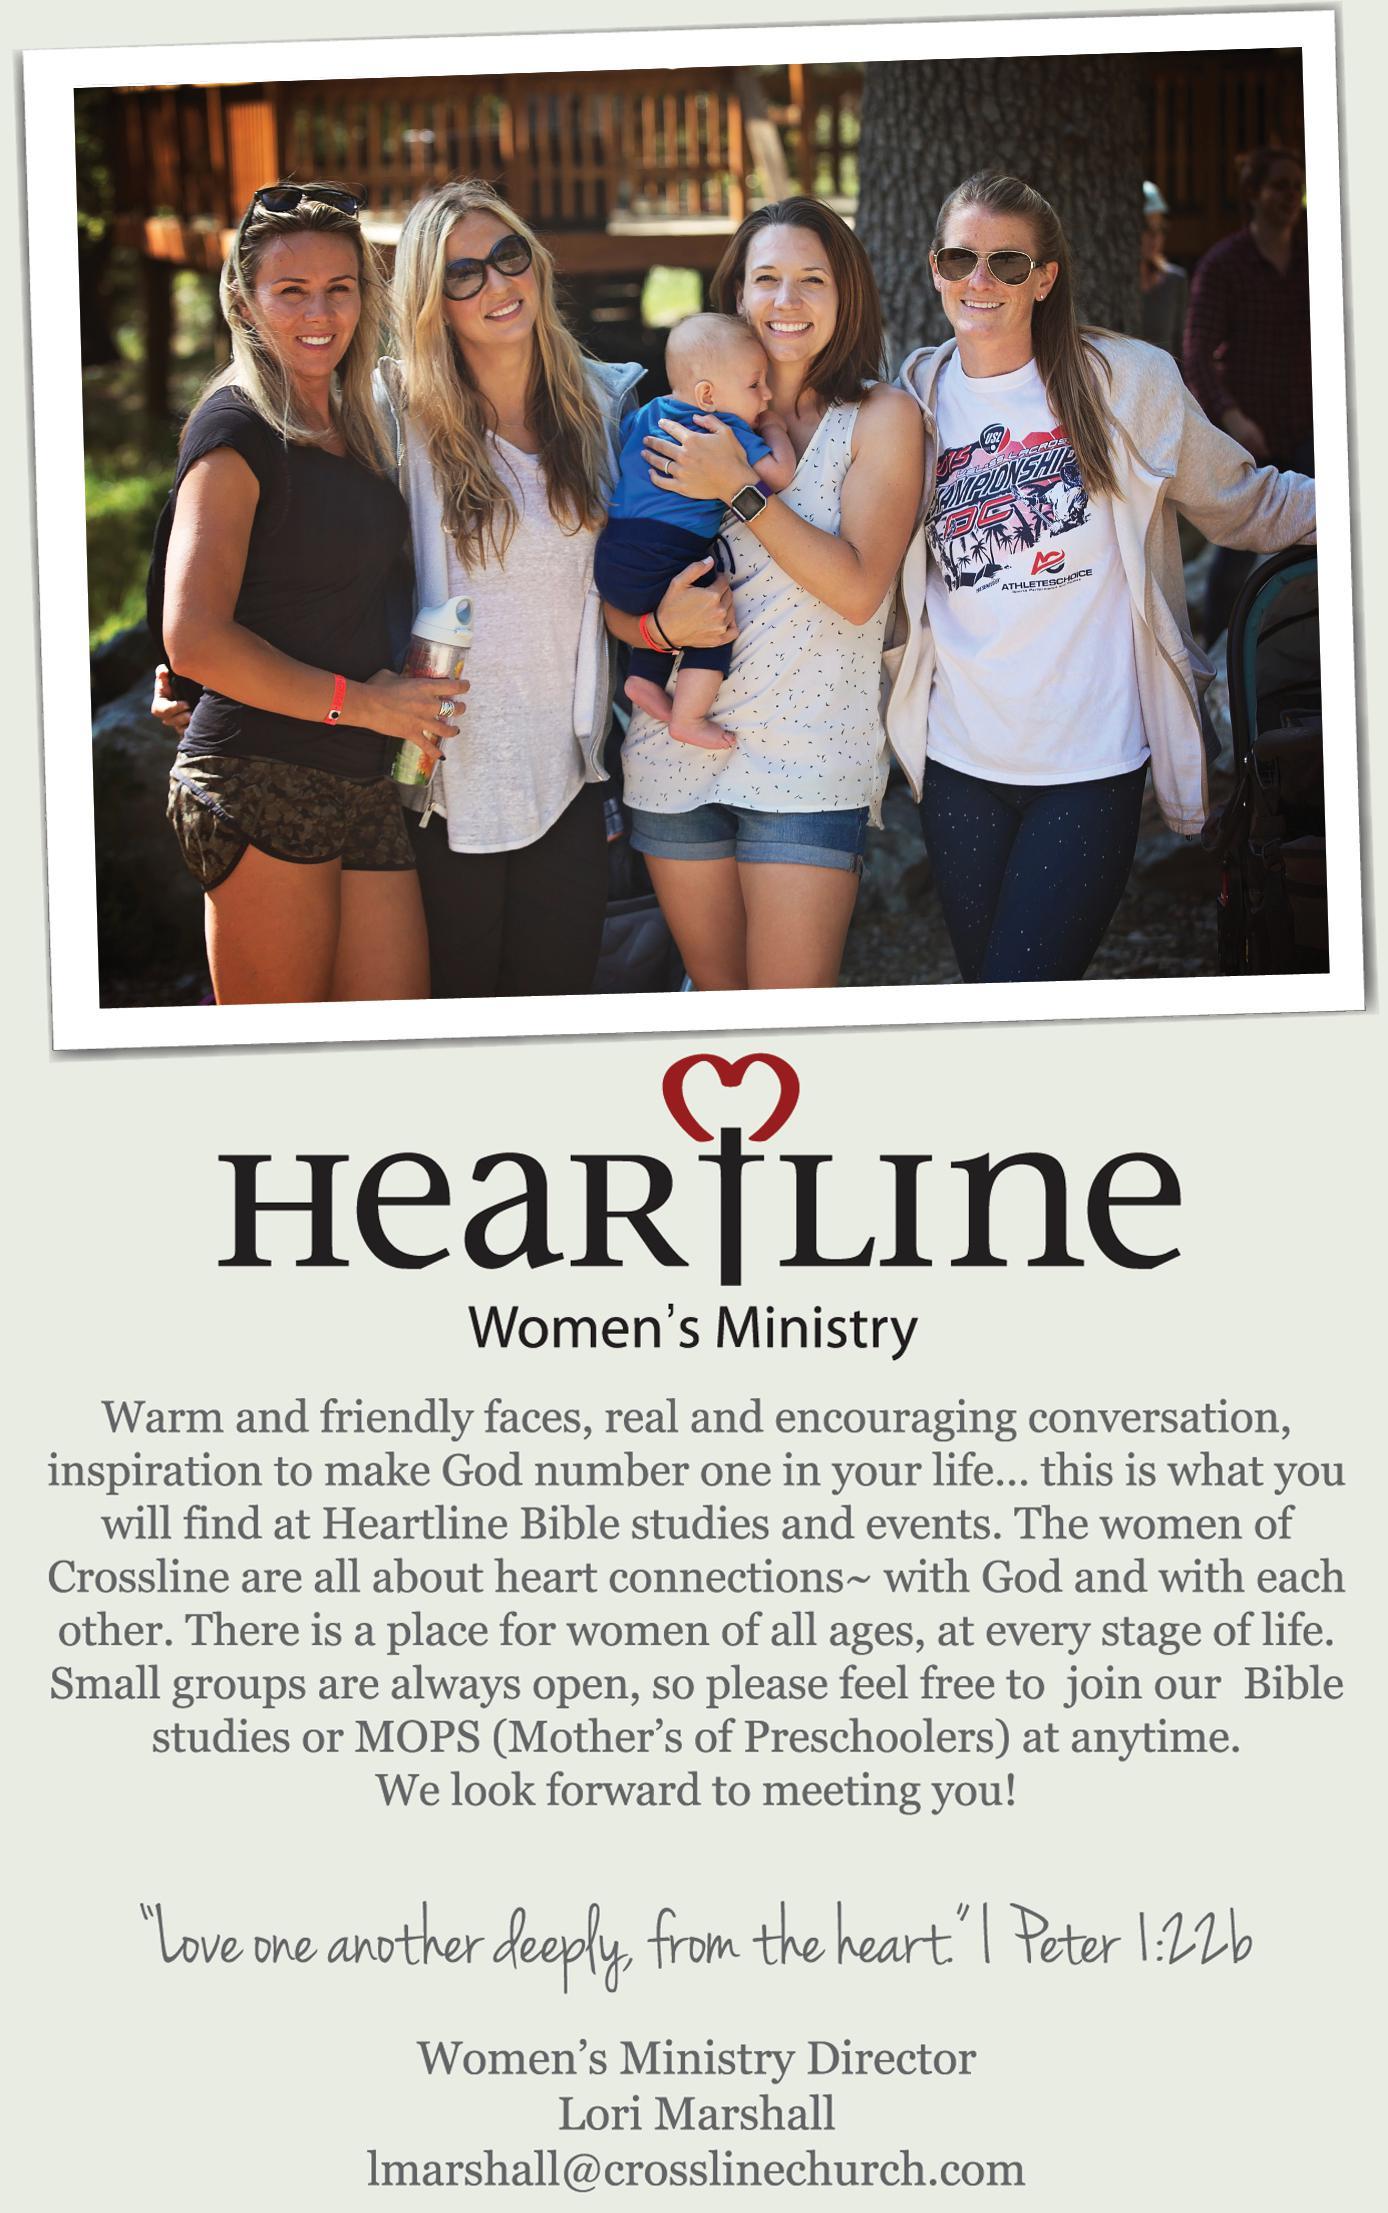 Crossline - Women's Ministry